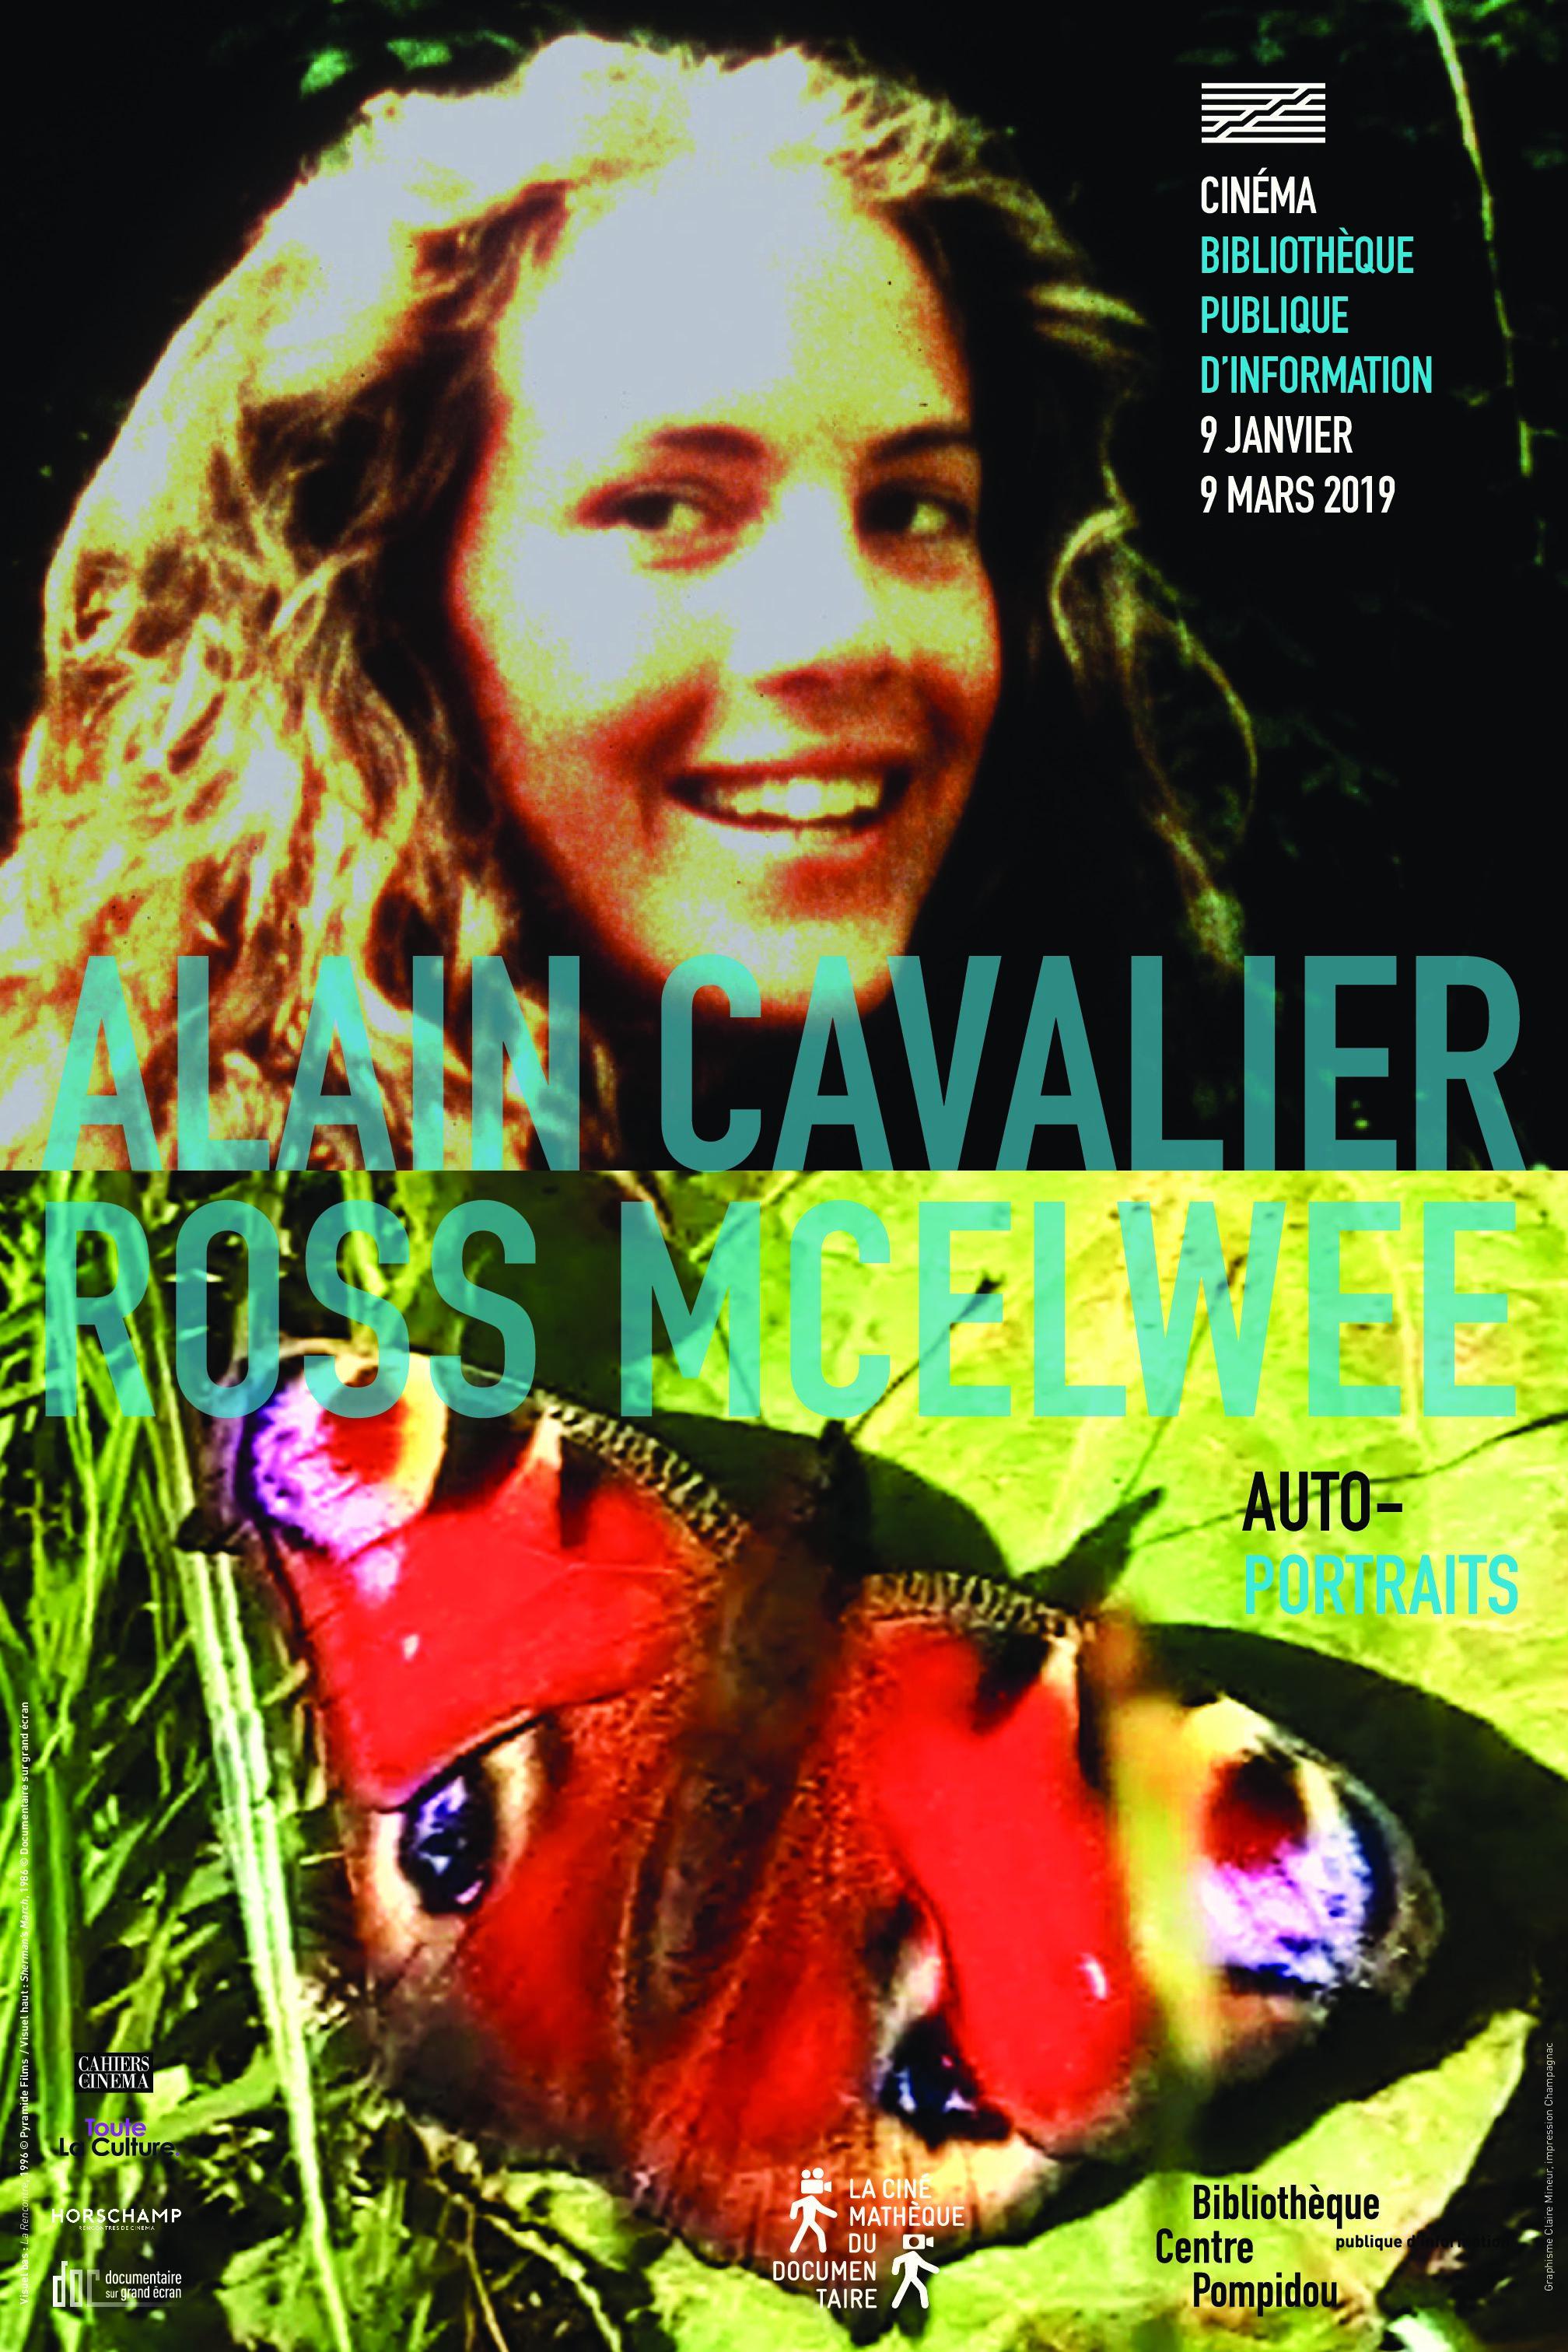 Alain Cavalier – Ross McElwee du 9 janvier au 9 mars au Centre Pompidou